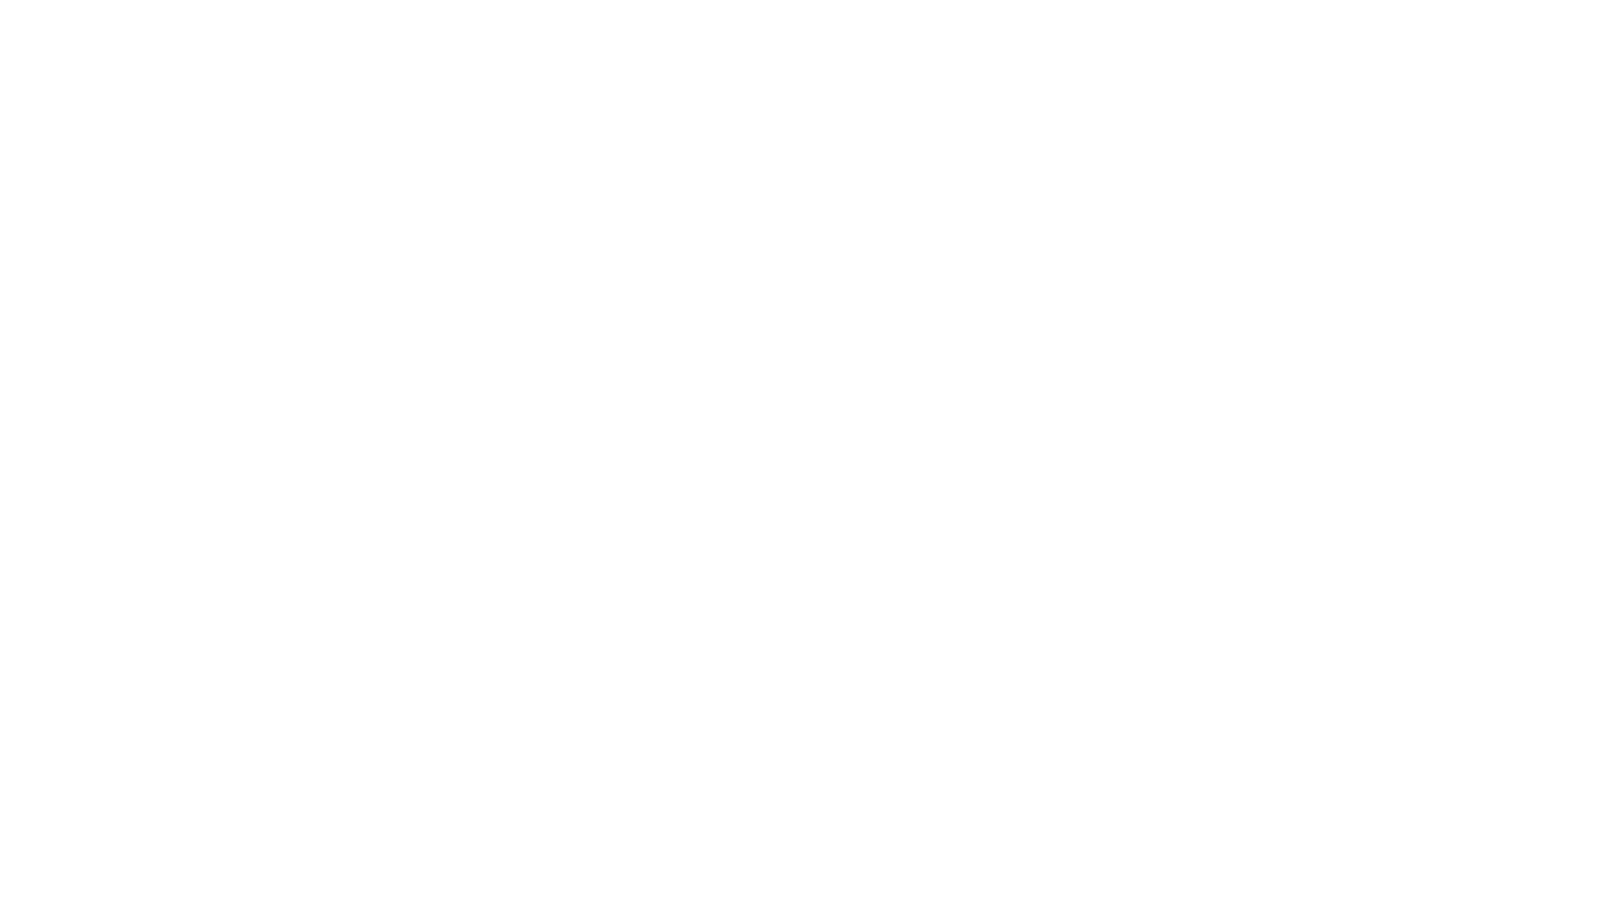 لقاء رئيس الجامعة الأستاذ الدكتور غسان عواد مع صحيفة البلاد في البث المباشر عبر موقع التواصل الاجتماعي -أنستغرام- ضمن برنامج حديث البلاد، حيث تحدث عن تجربة التعليم الجامعي إلكترونيًا، وخلاصة التجربة التعليمية للجامعة طوال فترة الجائحة في ظل التعليم الافتراضي - التعليم عند بعد -،ونبذة عما حققته الجامعة من إنجازات خلال الظروف الاستثنائية التي فرضتها جائحة كورونا، بالإضافة إلى التطلعات المستقبلية نحو تعليم جامعي تفاعلي بمخرجات تخدم سوق العمل.